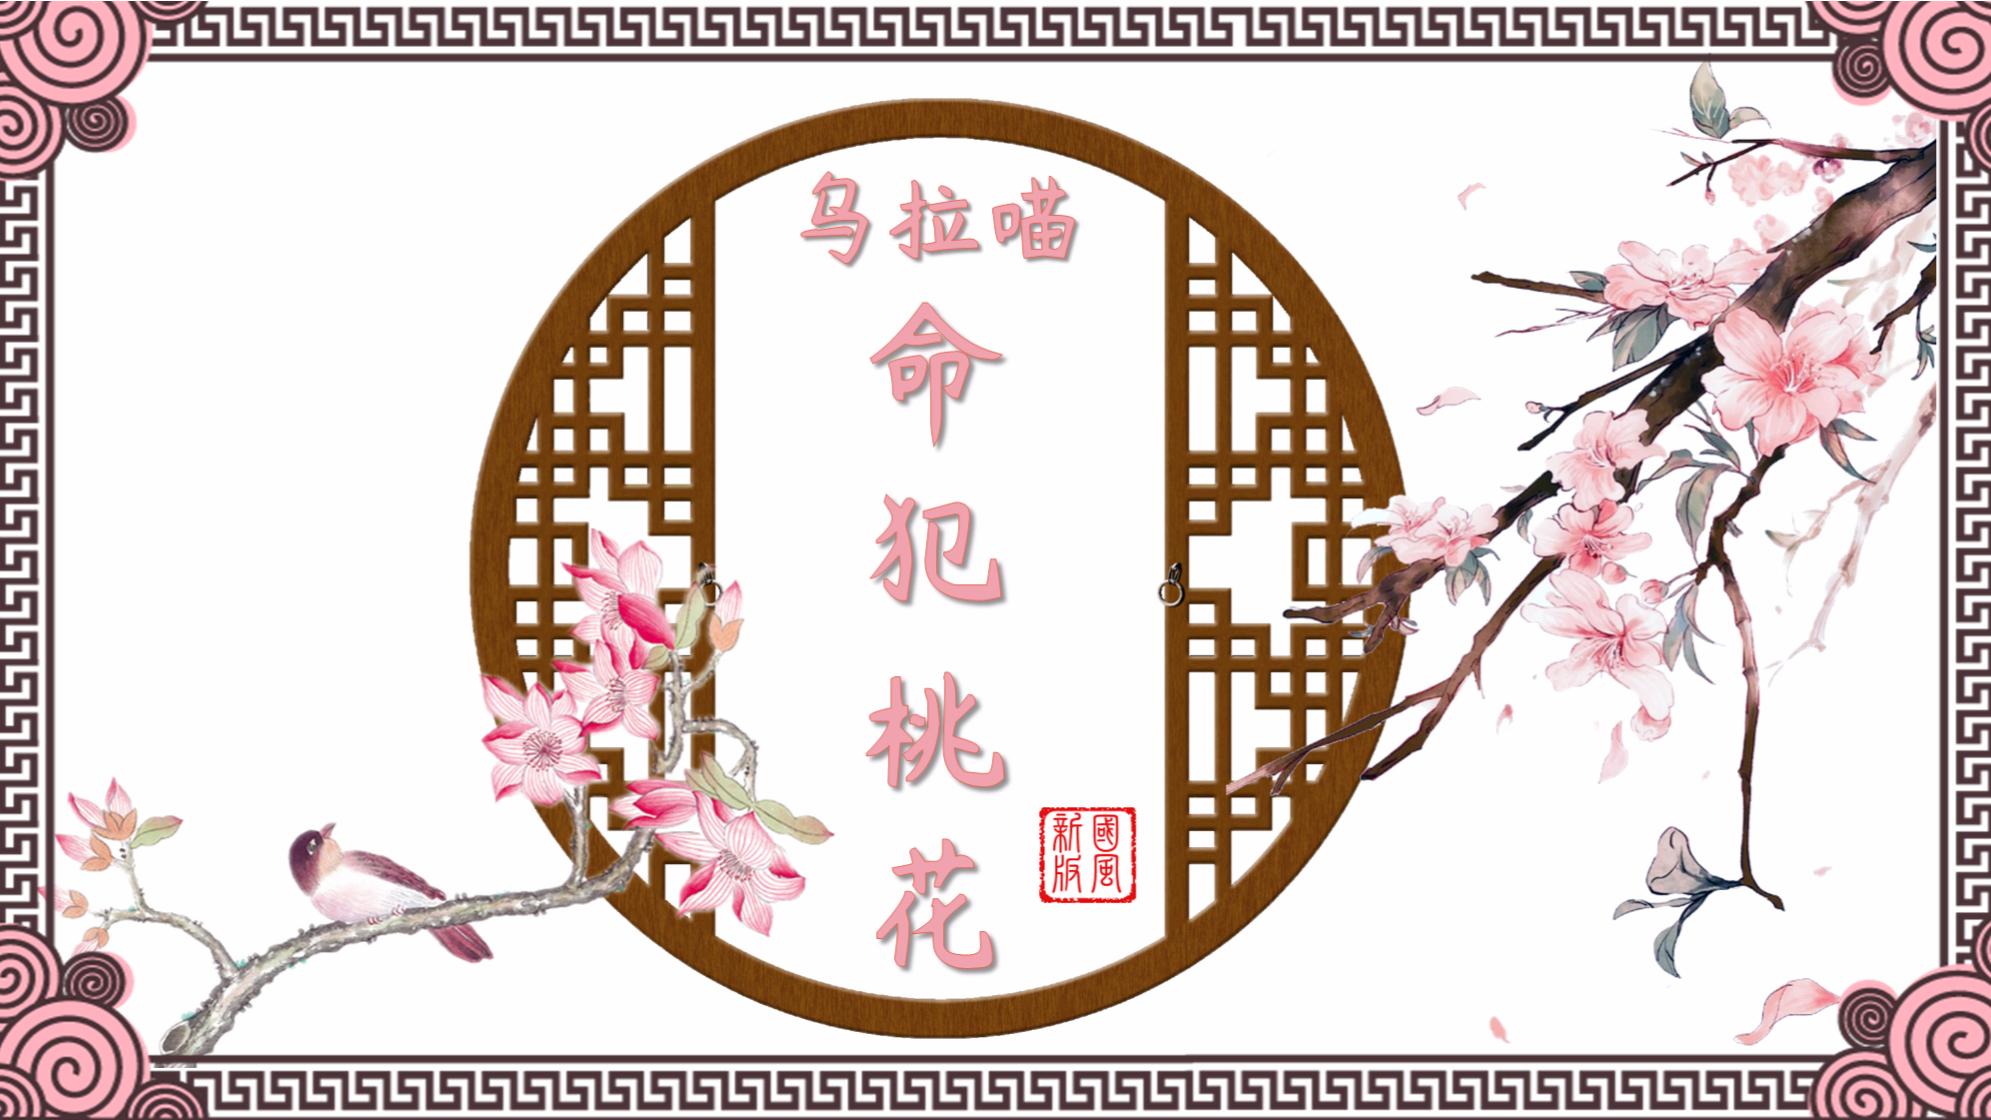 【出道616】命犯桃花❃国风版【乌拉喵】不咕不咕可以吗~?